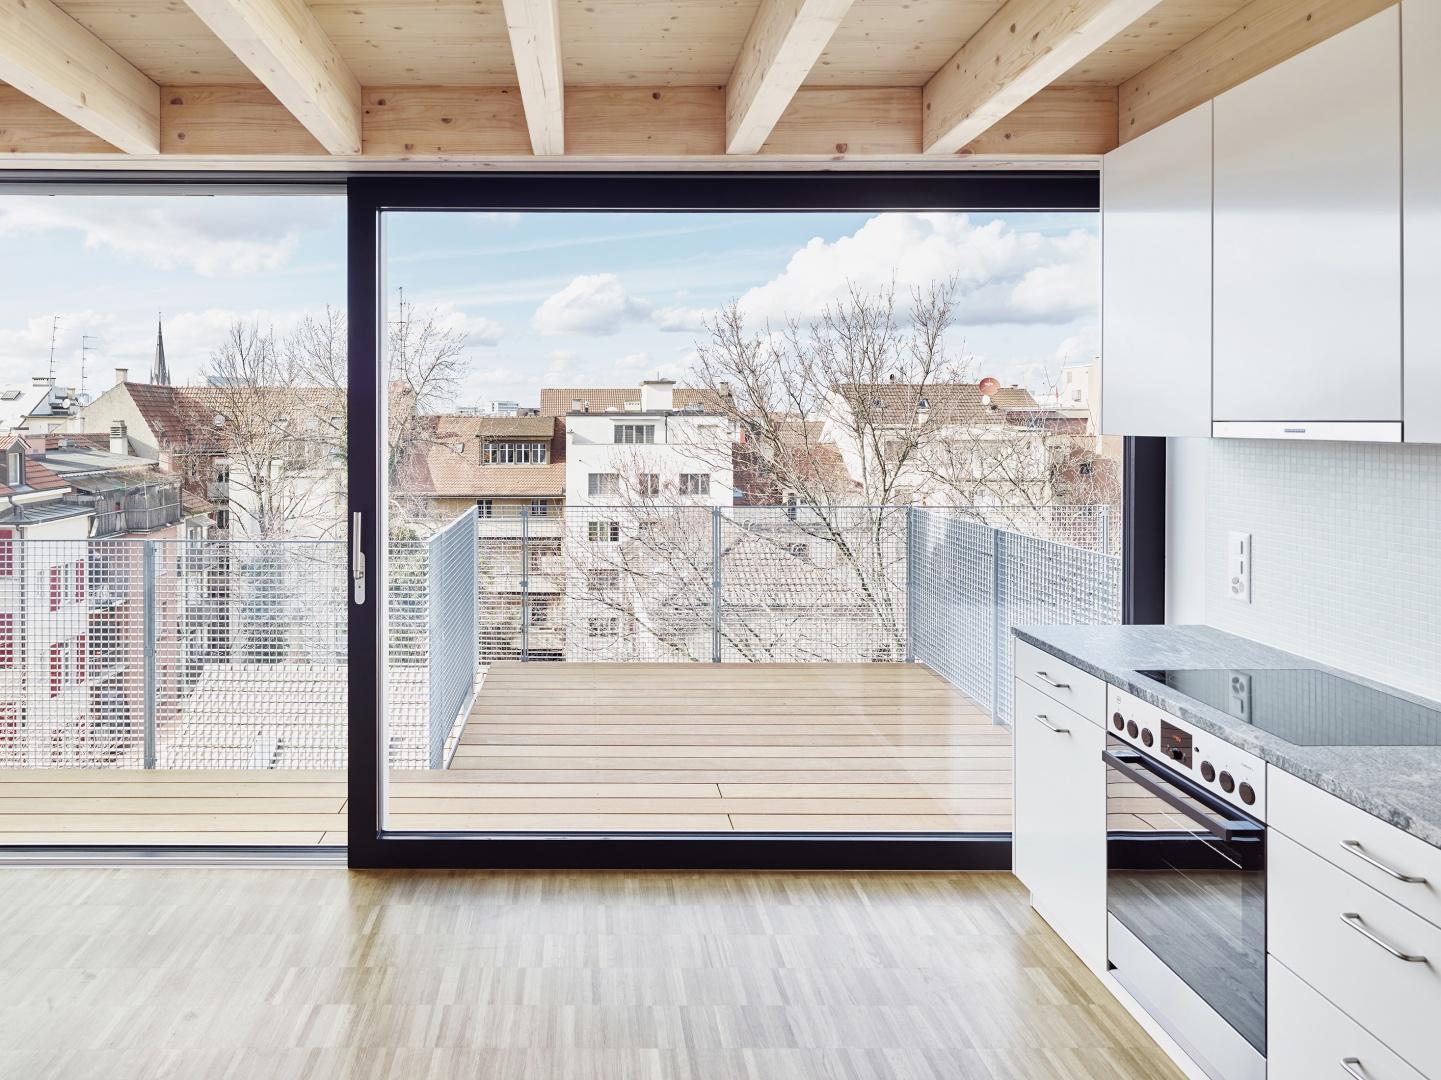 Grâce à la construction de plafond suspendu, l'étage inférieur est librement configurable. © Lukas Räber